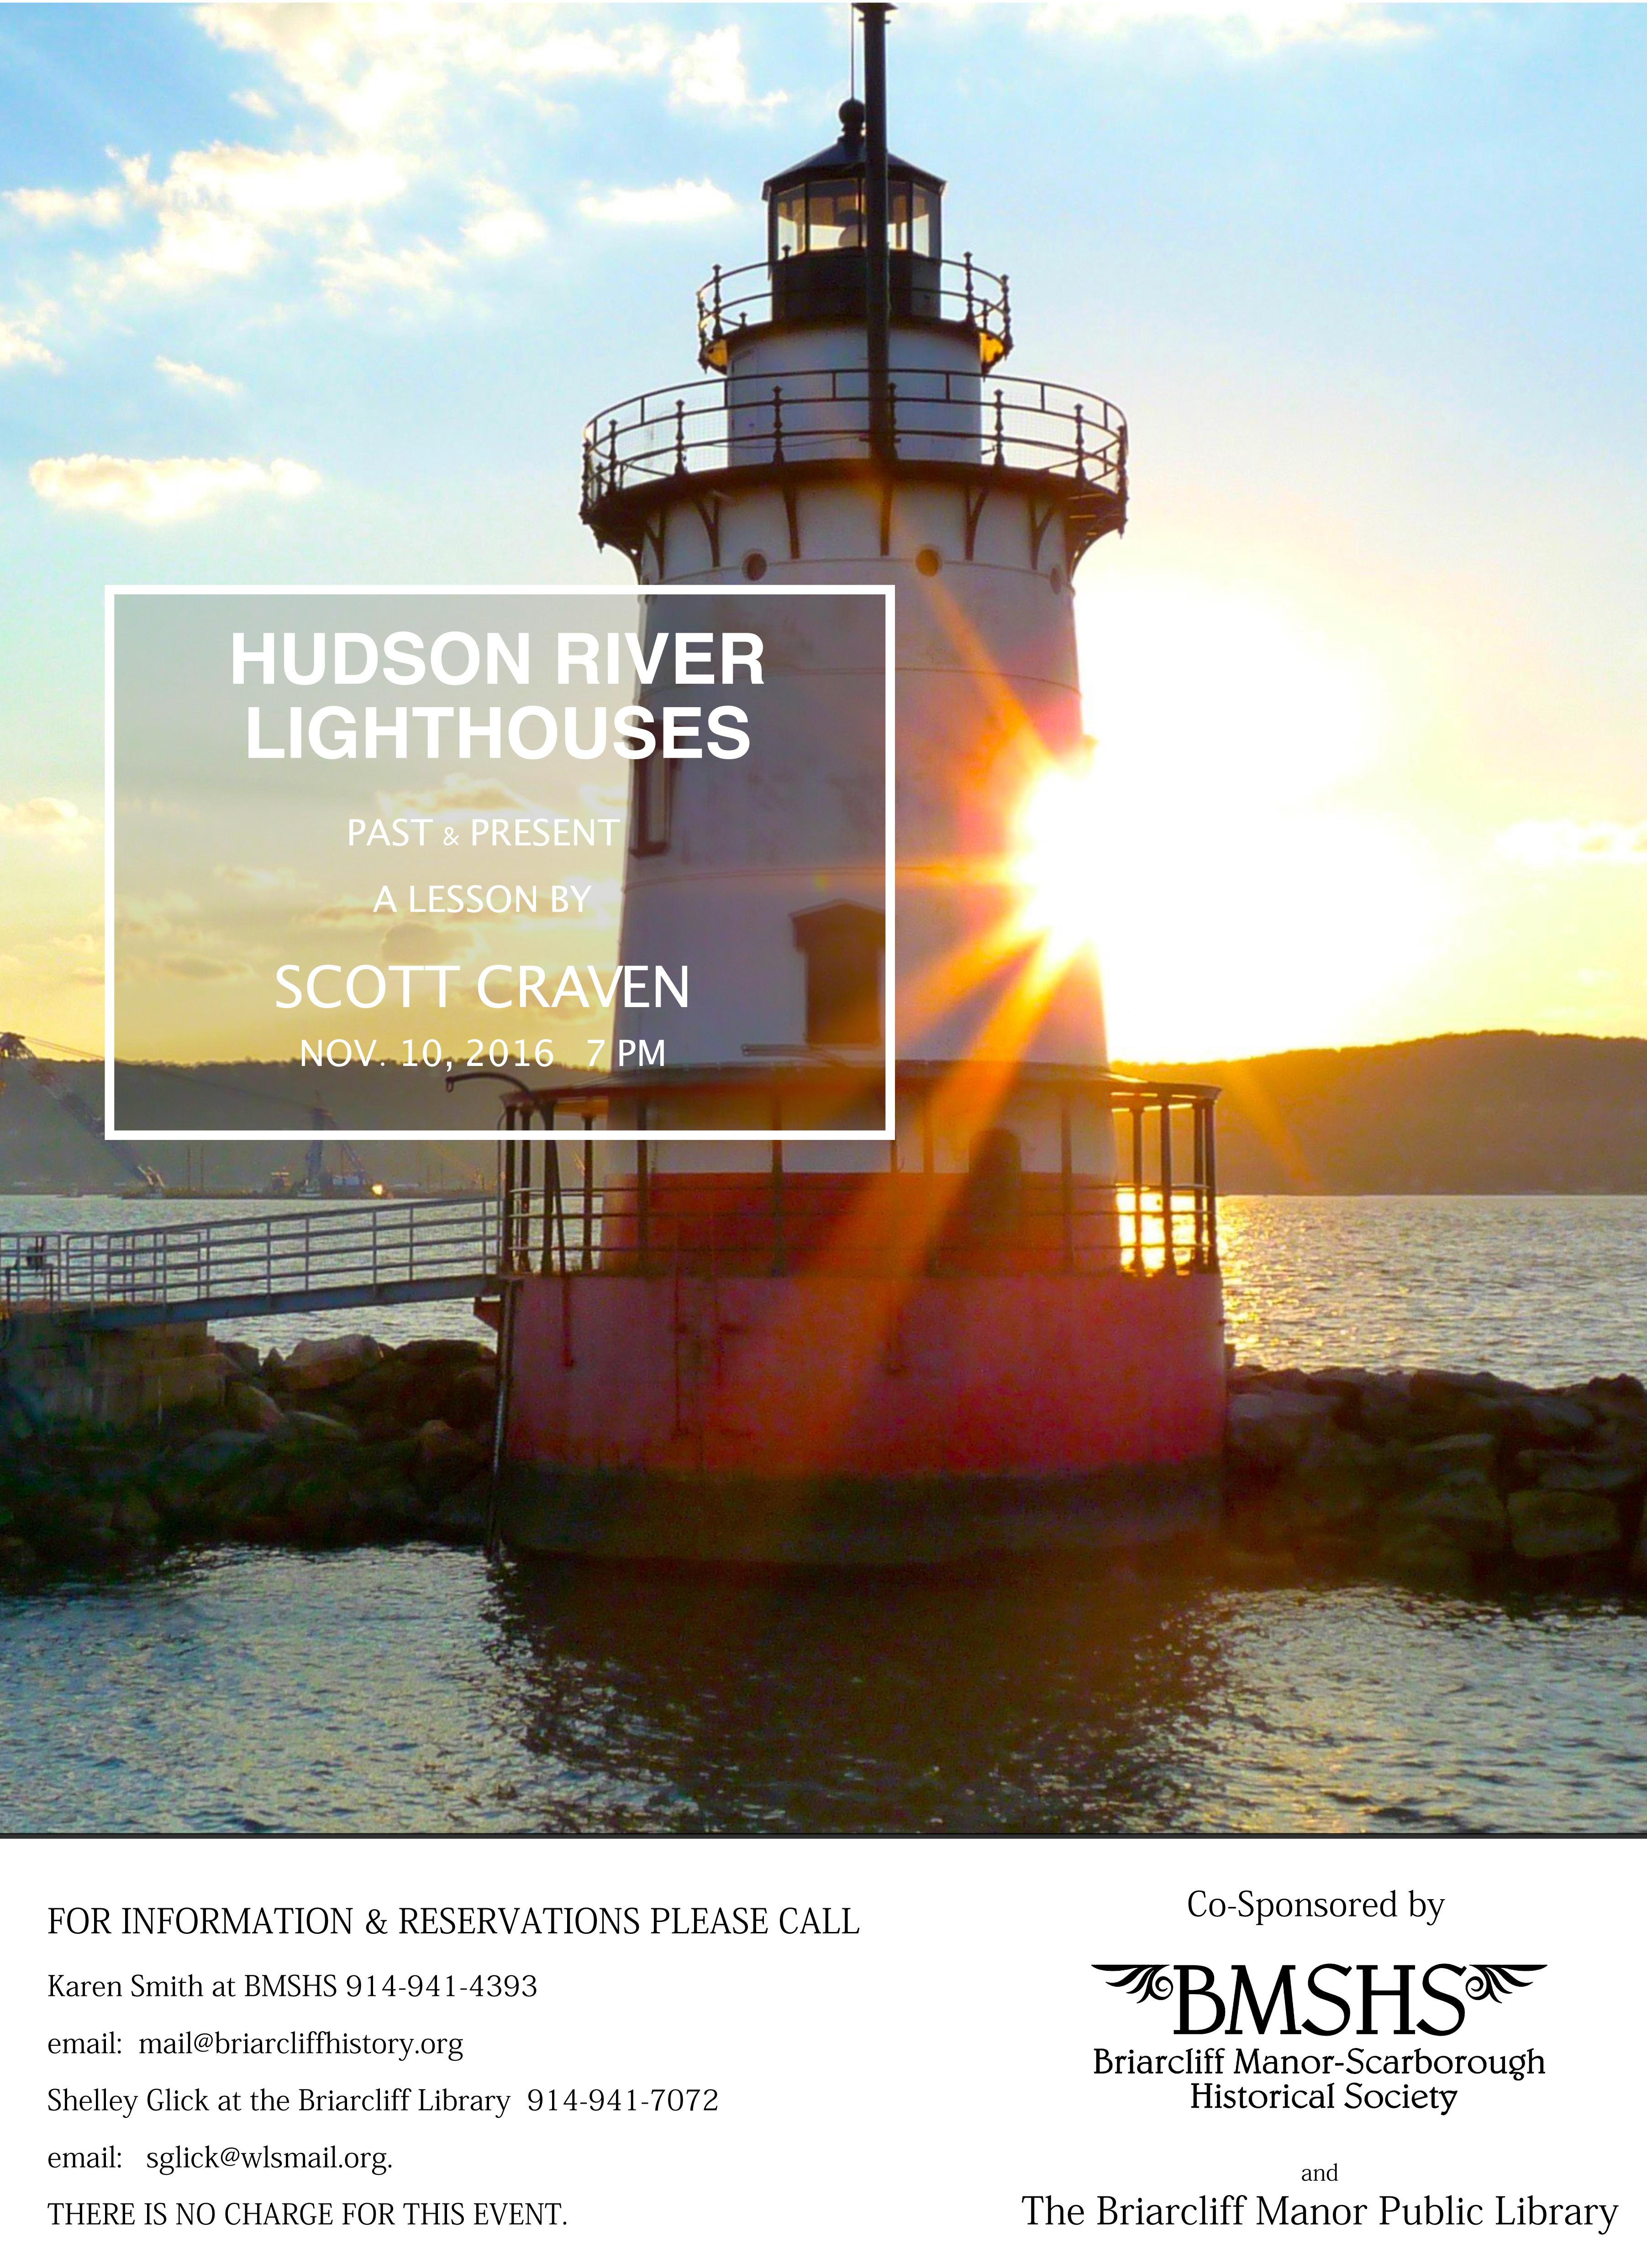 HUDSON RIVER LGHT HOUSE V12